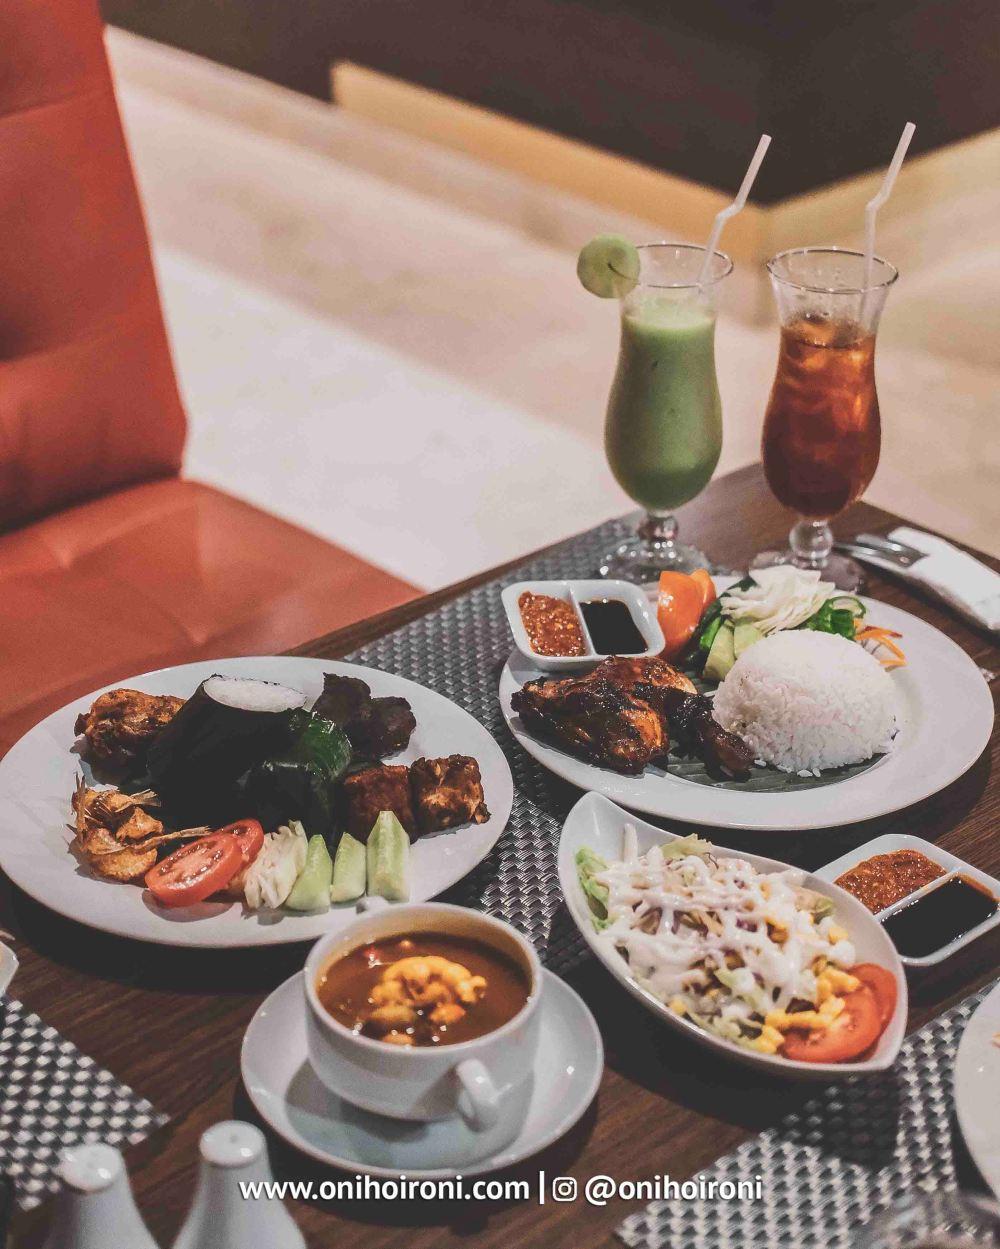 8 Food M One Hotel Sentul Bogor, Onihoironi